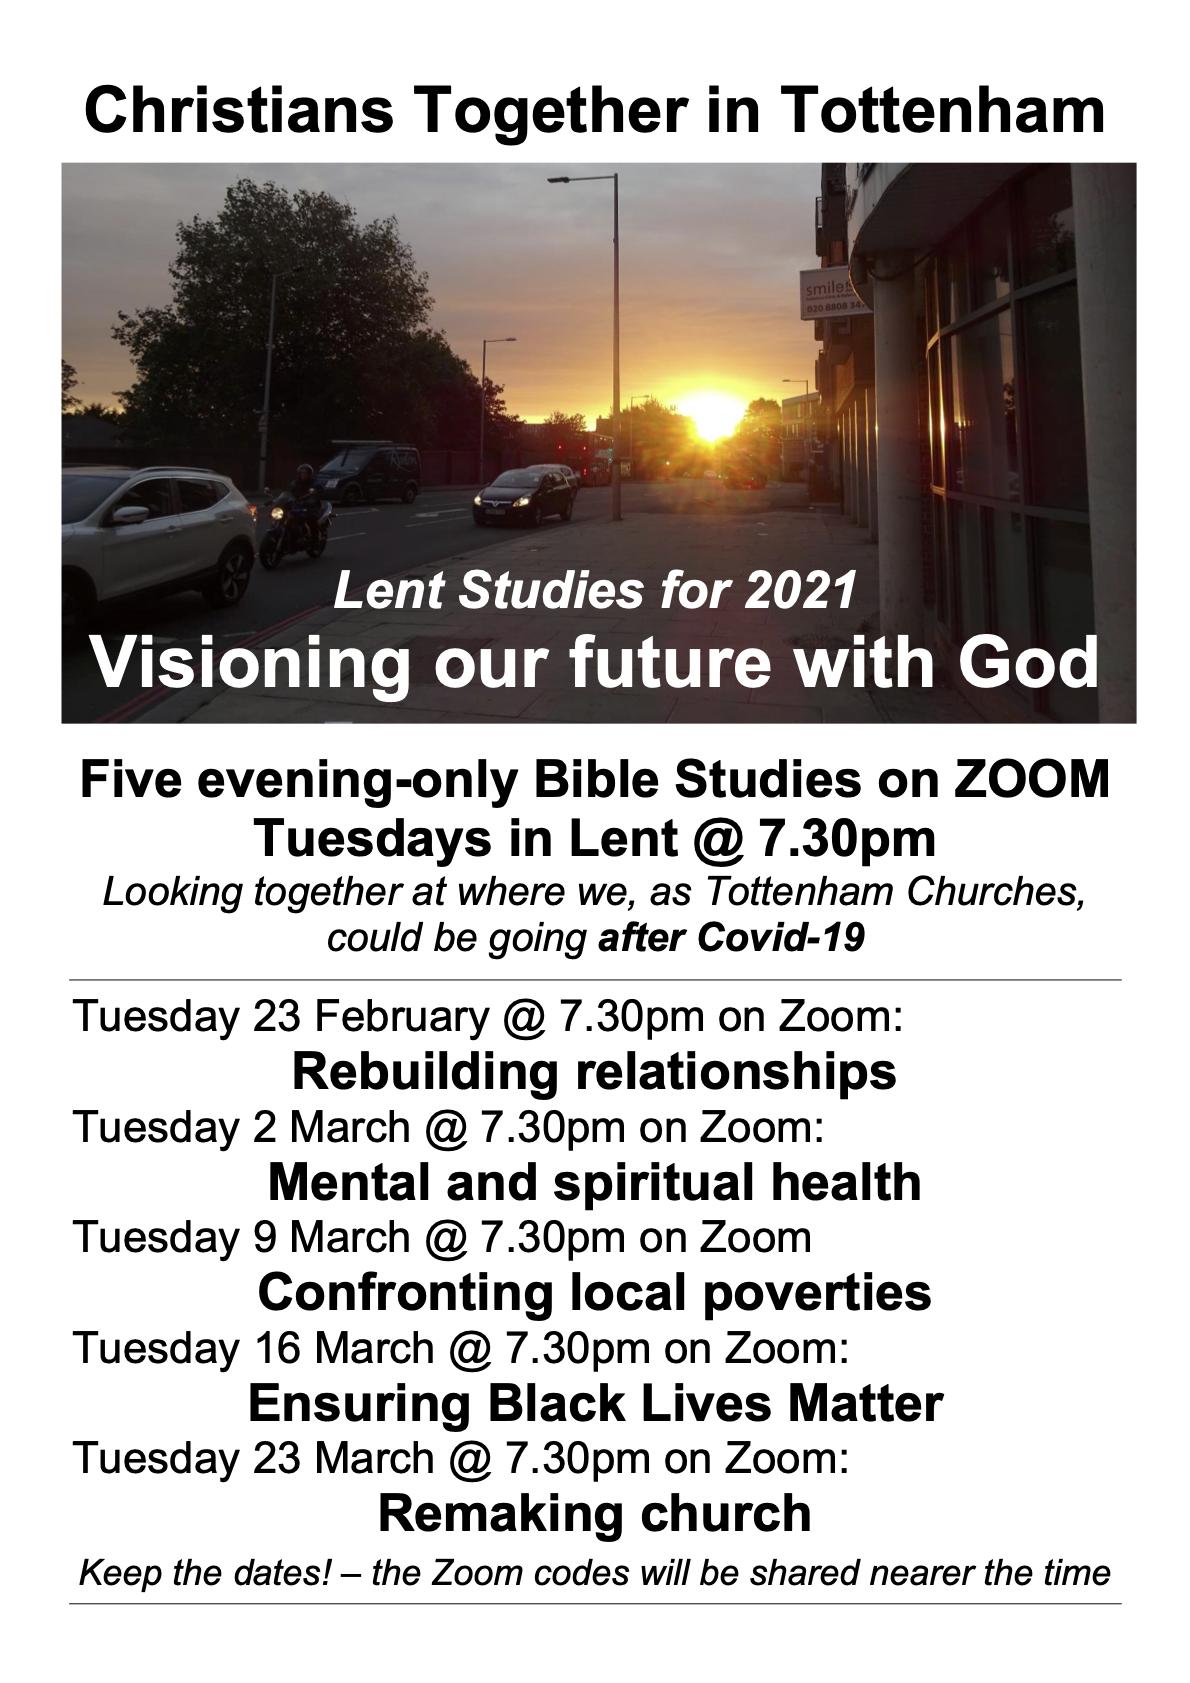 Poster for Lent Studies